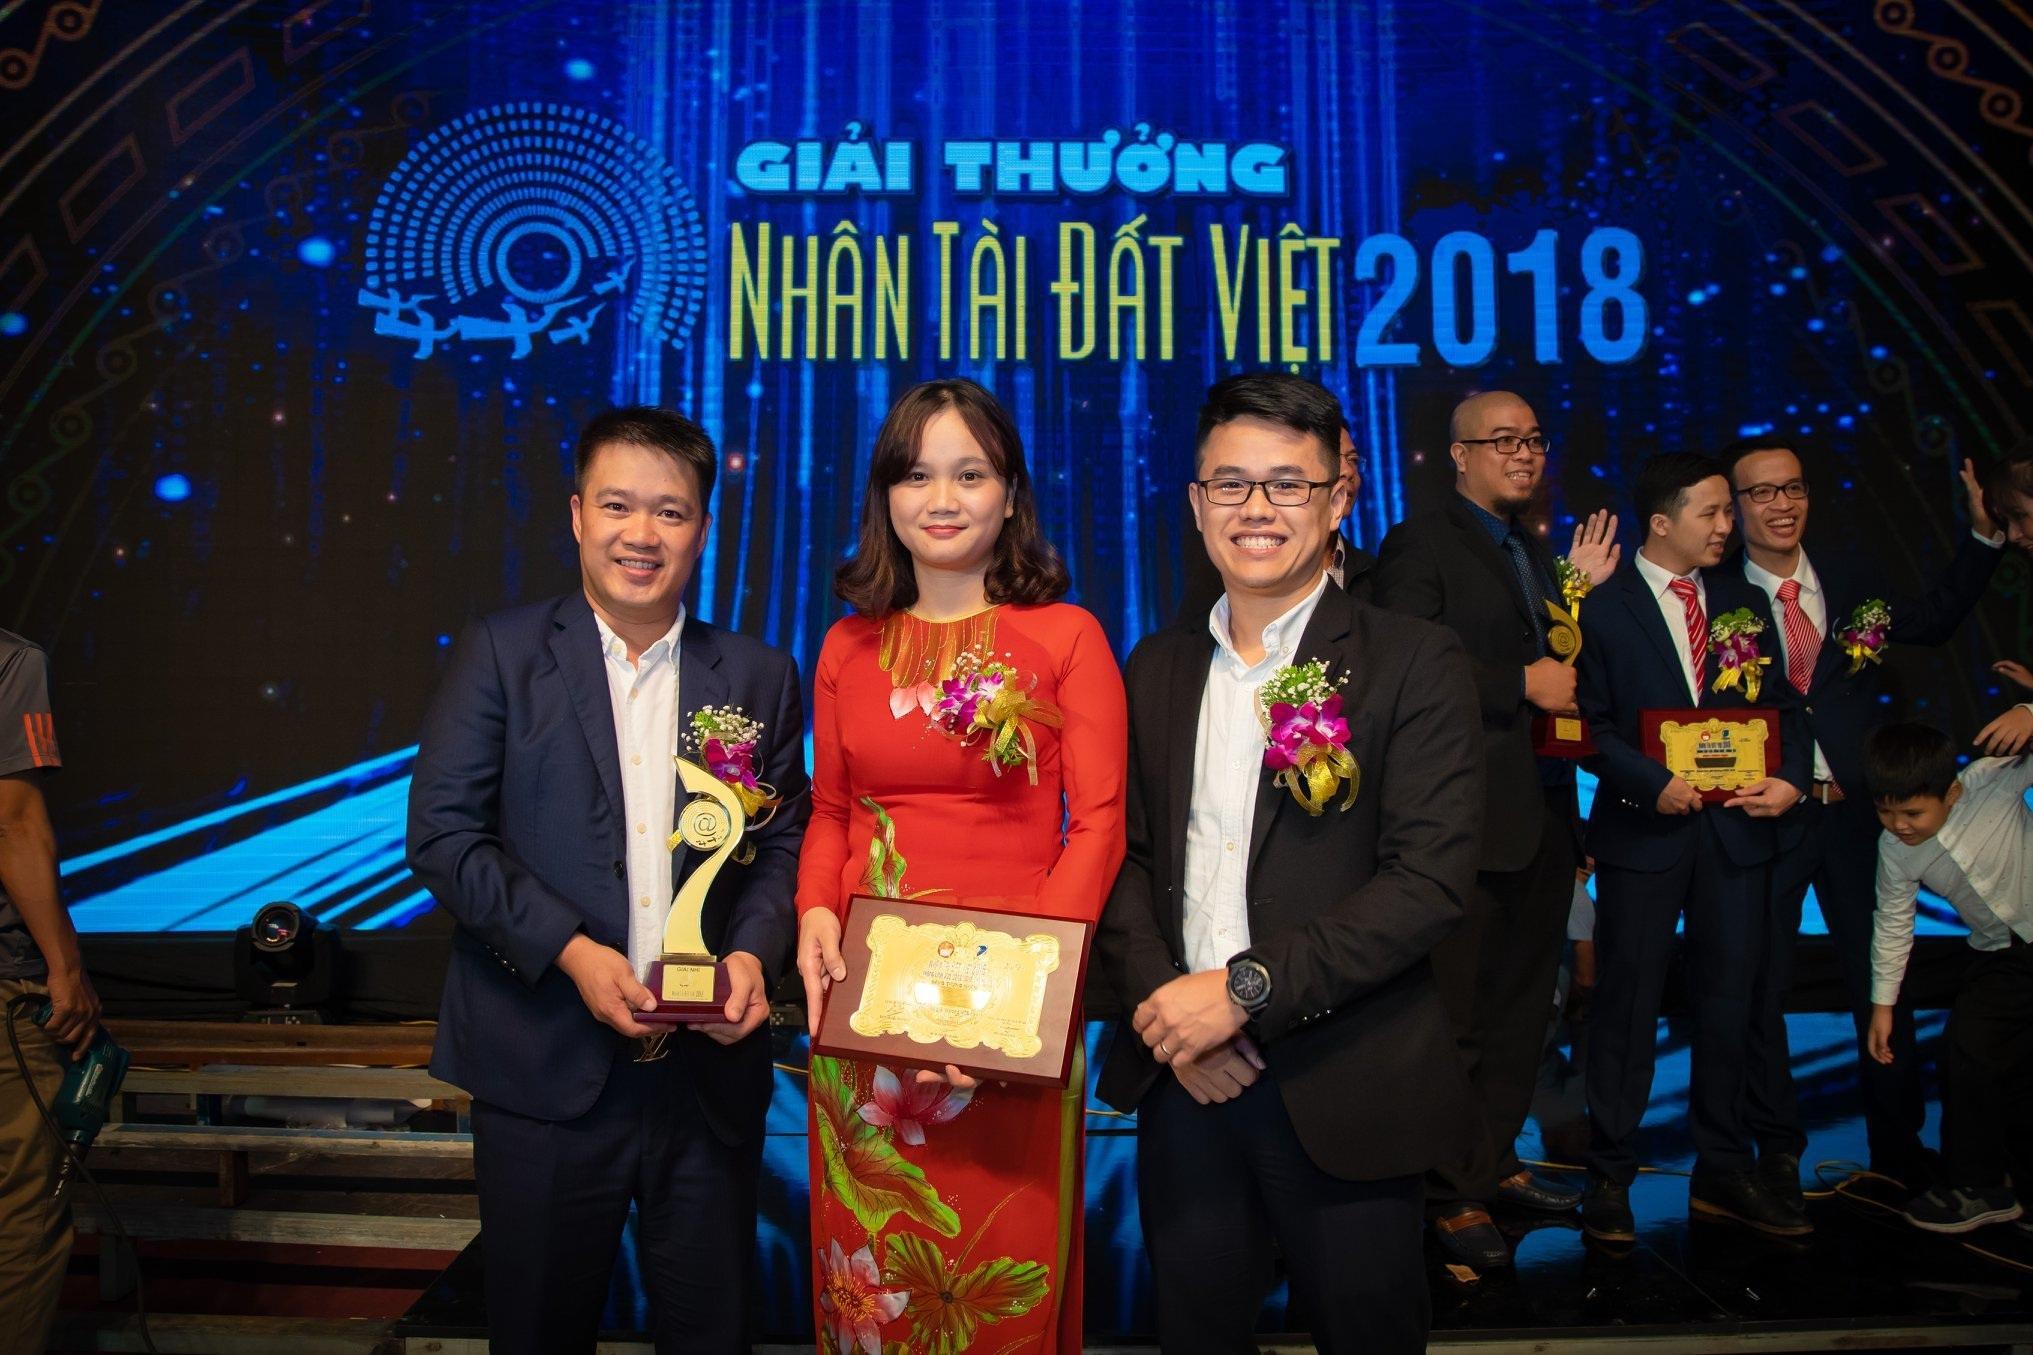 Vbee - Chặng đường 12 năm xây dựng giải pháp ngôn ngữ cho người Việt - 10